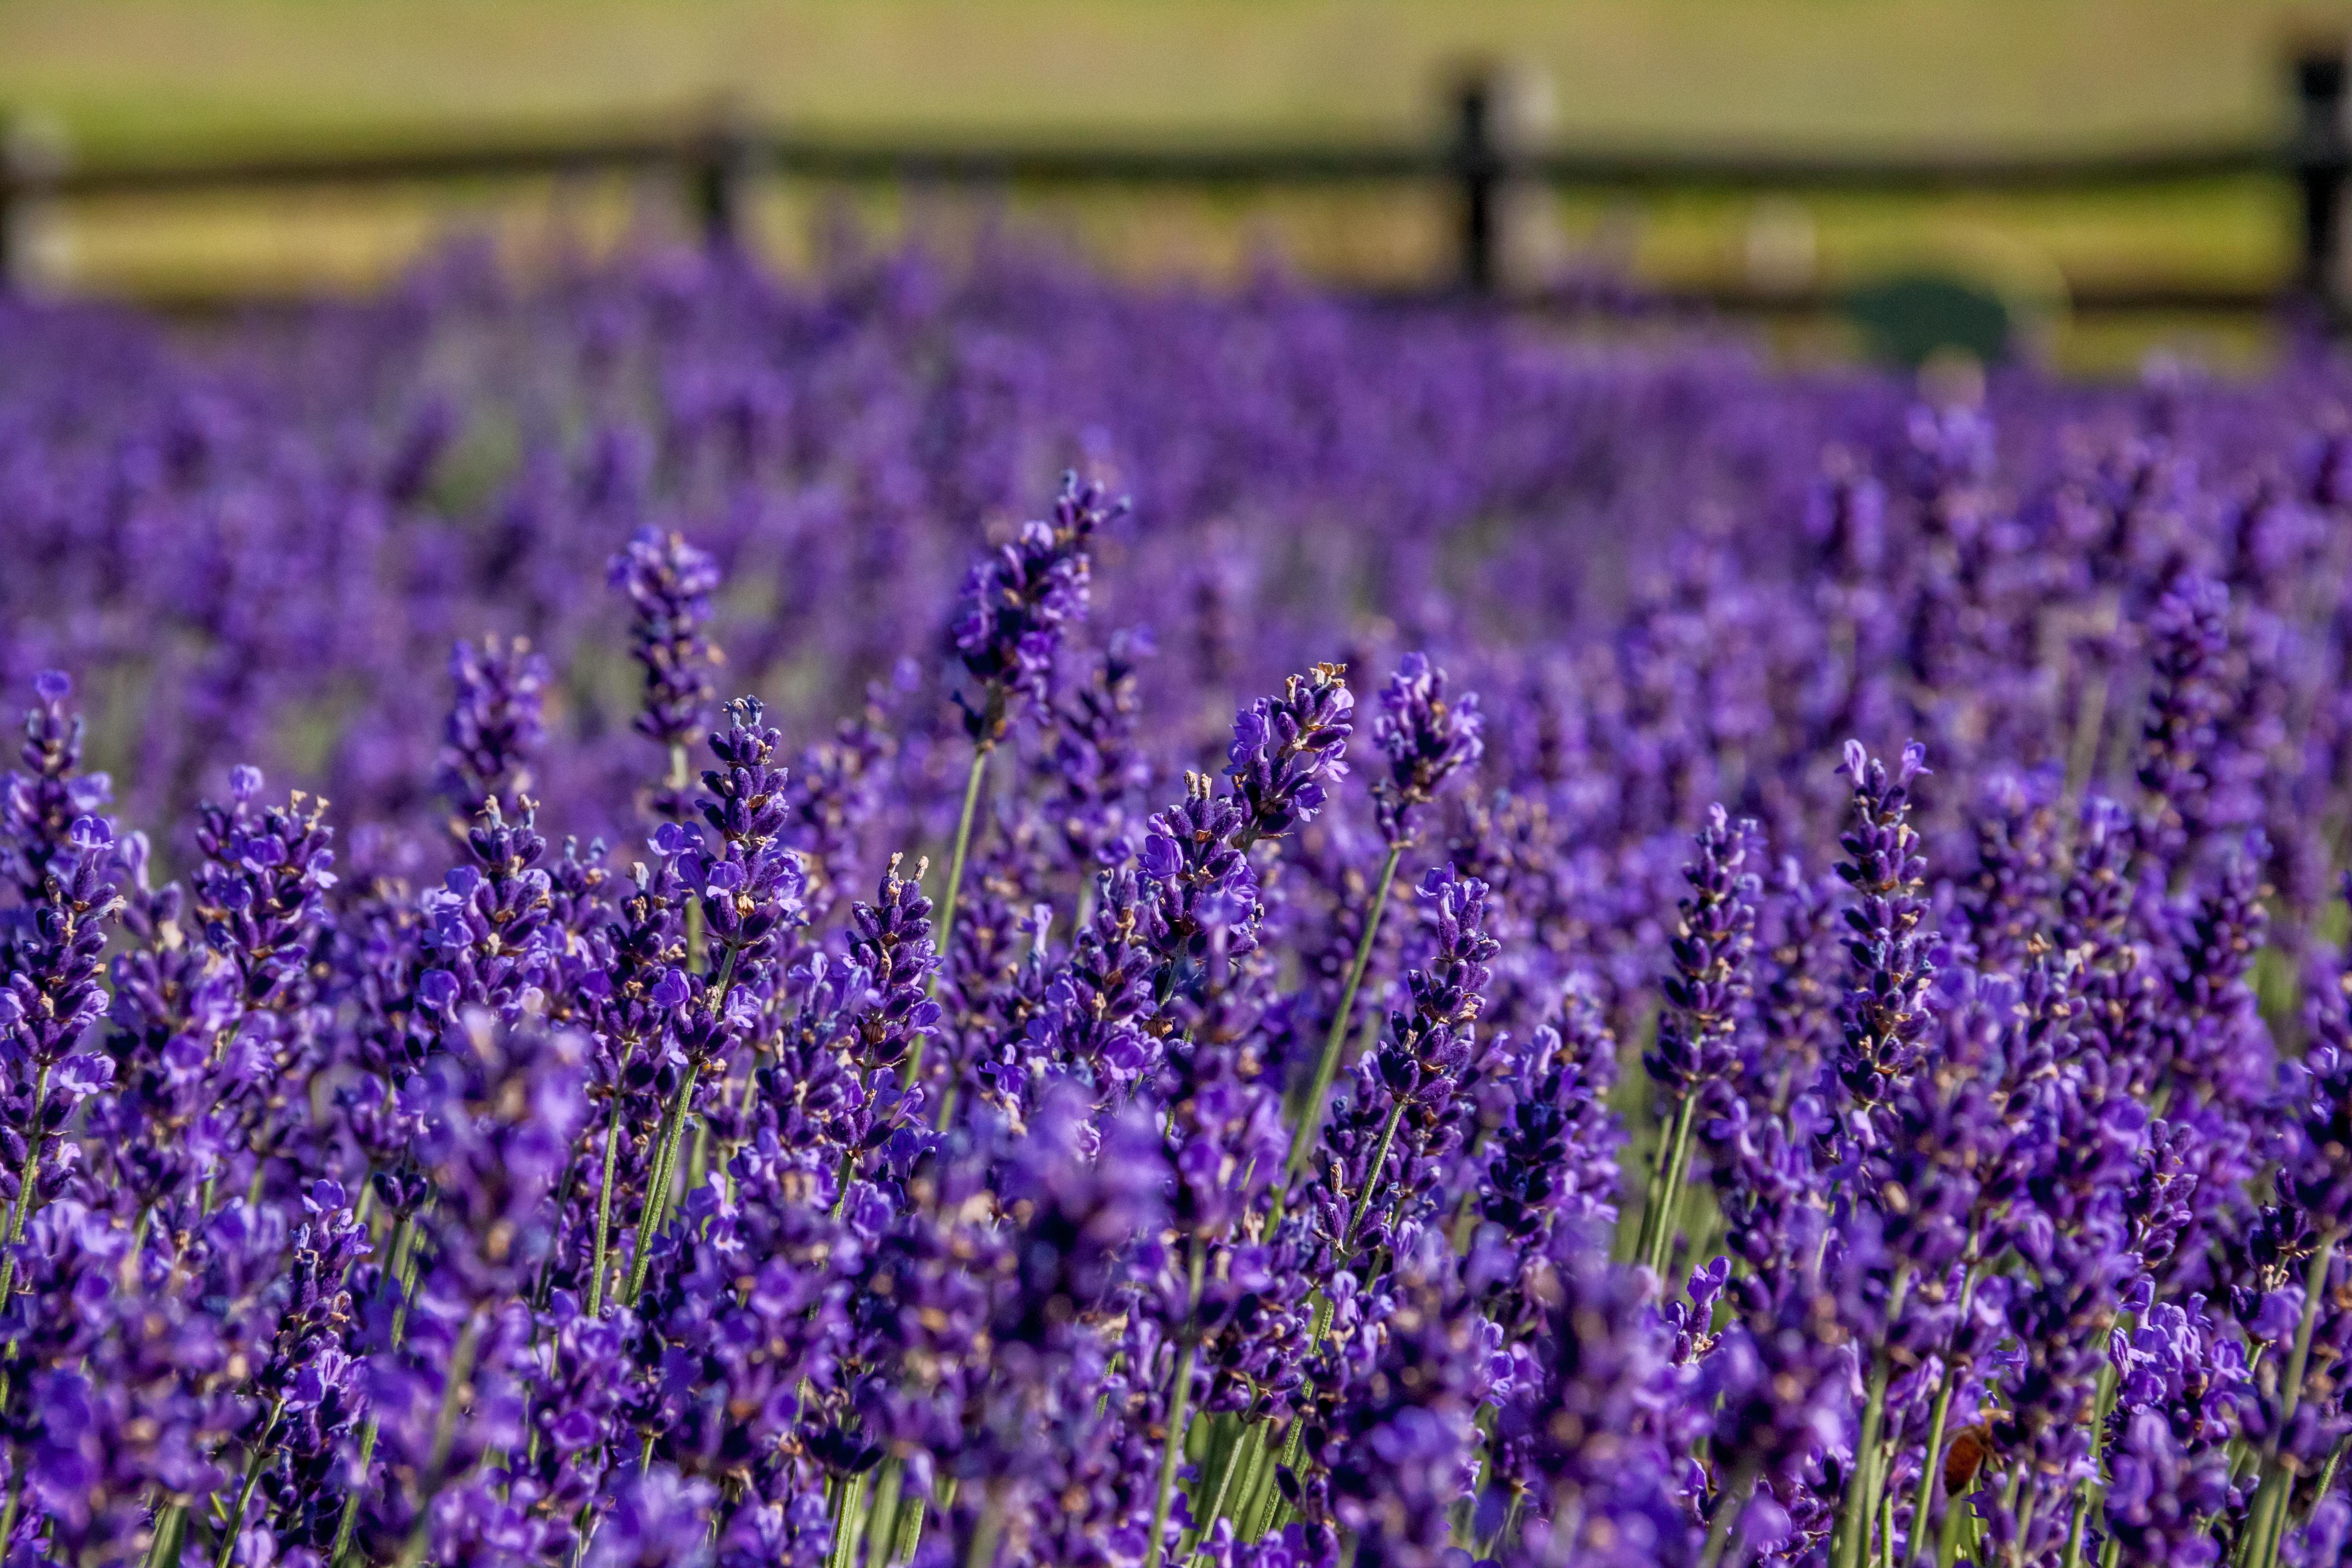 Minivan Adventures Article- A Visit to Lavender Hill Farm